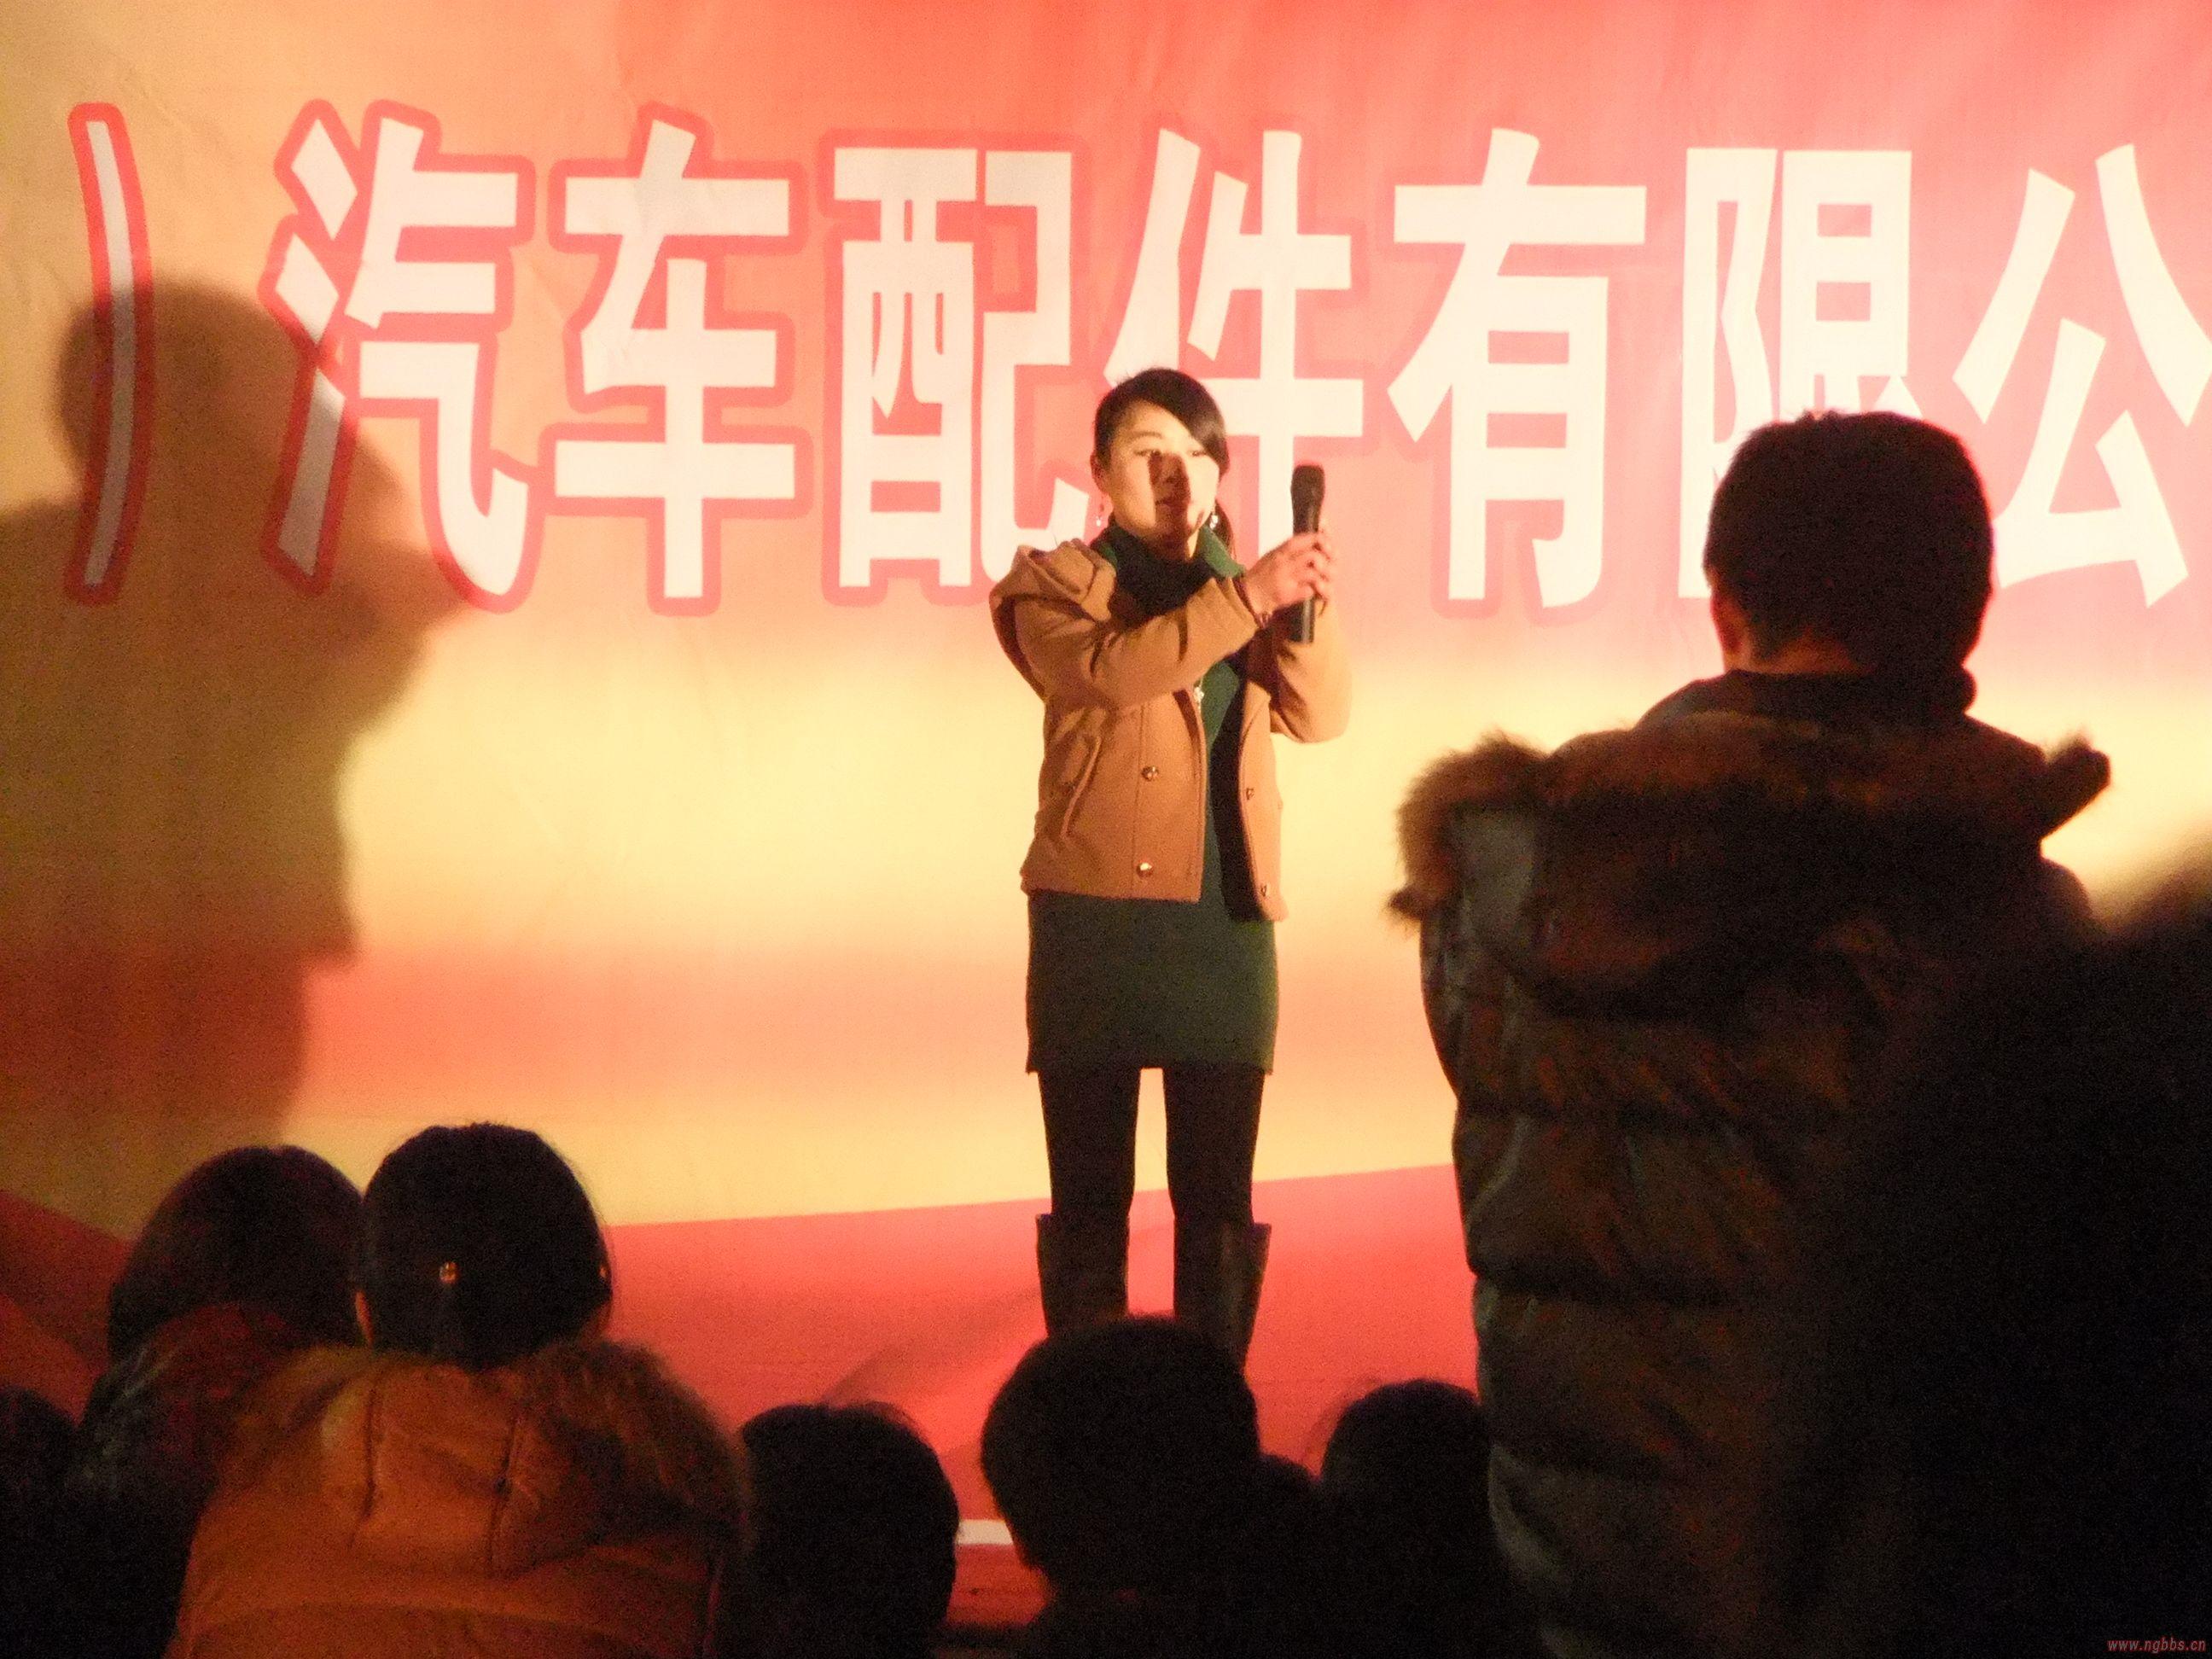 保隆篝火晚会 - 宁国论坛 - DSCF7143.jpg